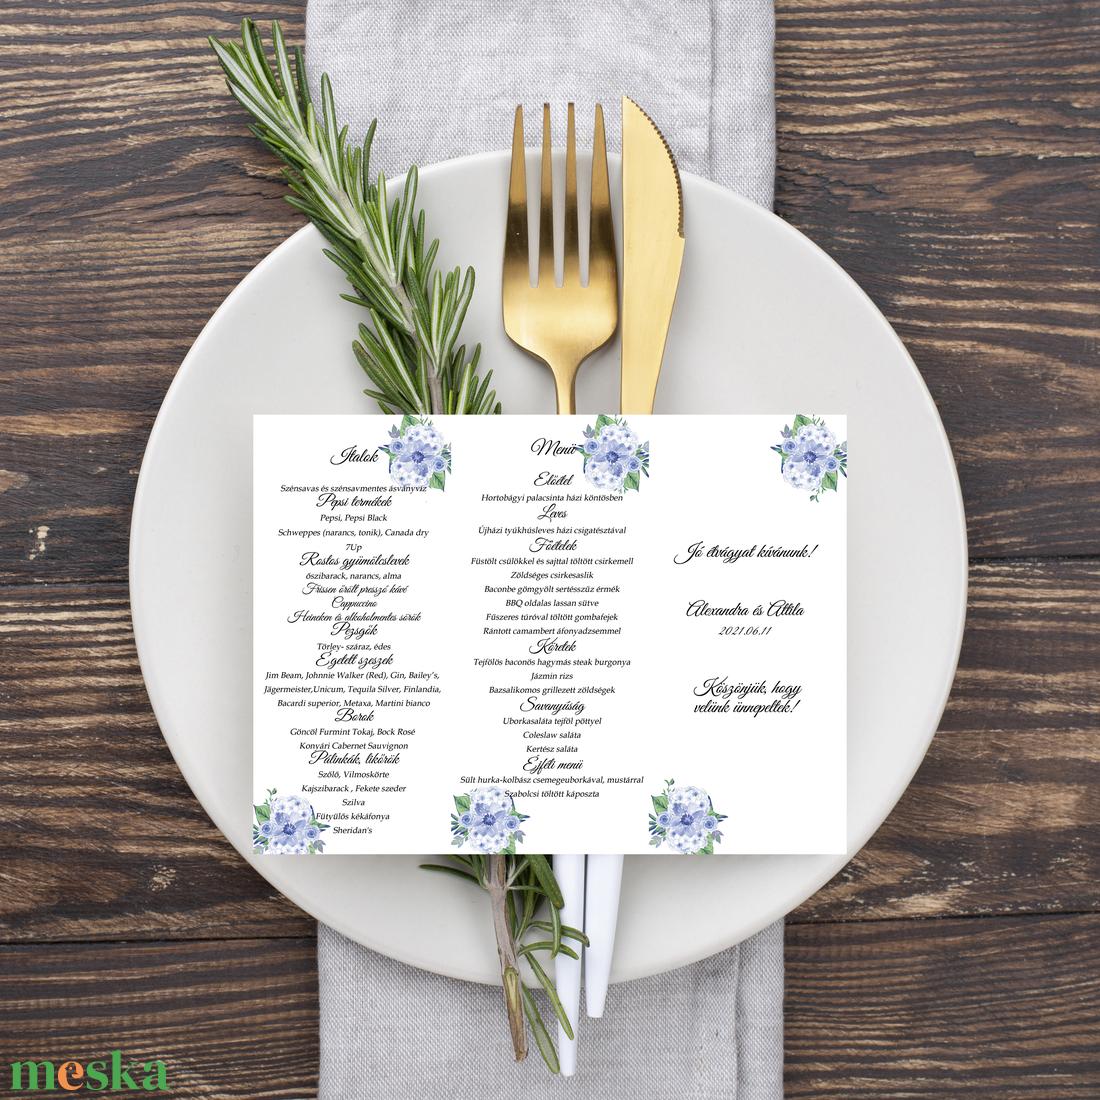 Kék virágos, álló, háromszög menükártya, szalaggal kötve - esküvő - meghívó & kártya - menü - Meska.hu